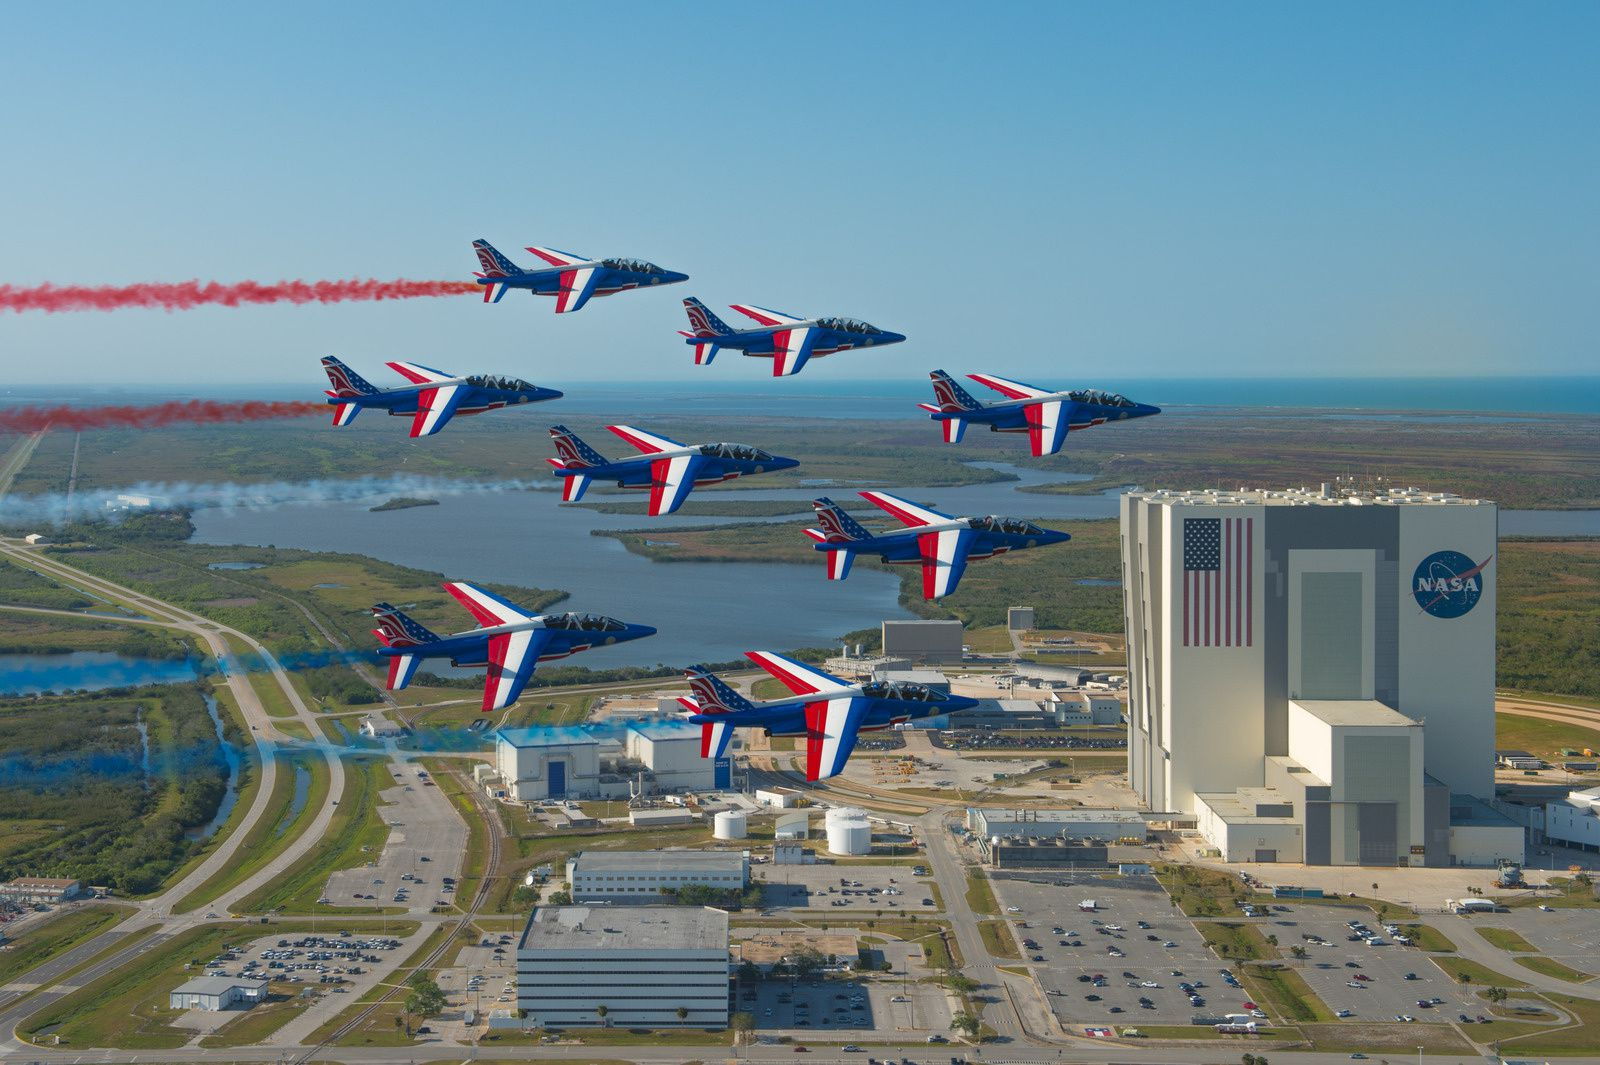 PAF US Tour : La Patrouille de France survole Cap Canaveral